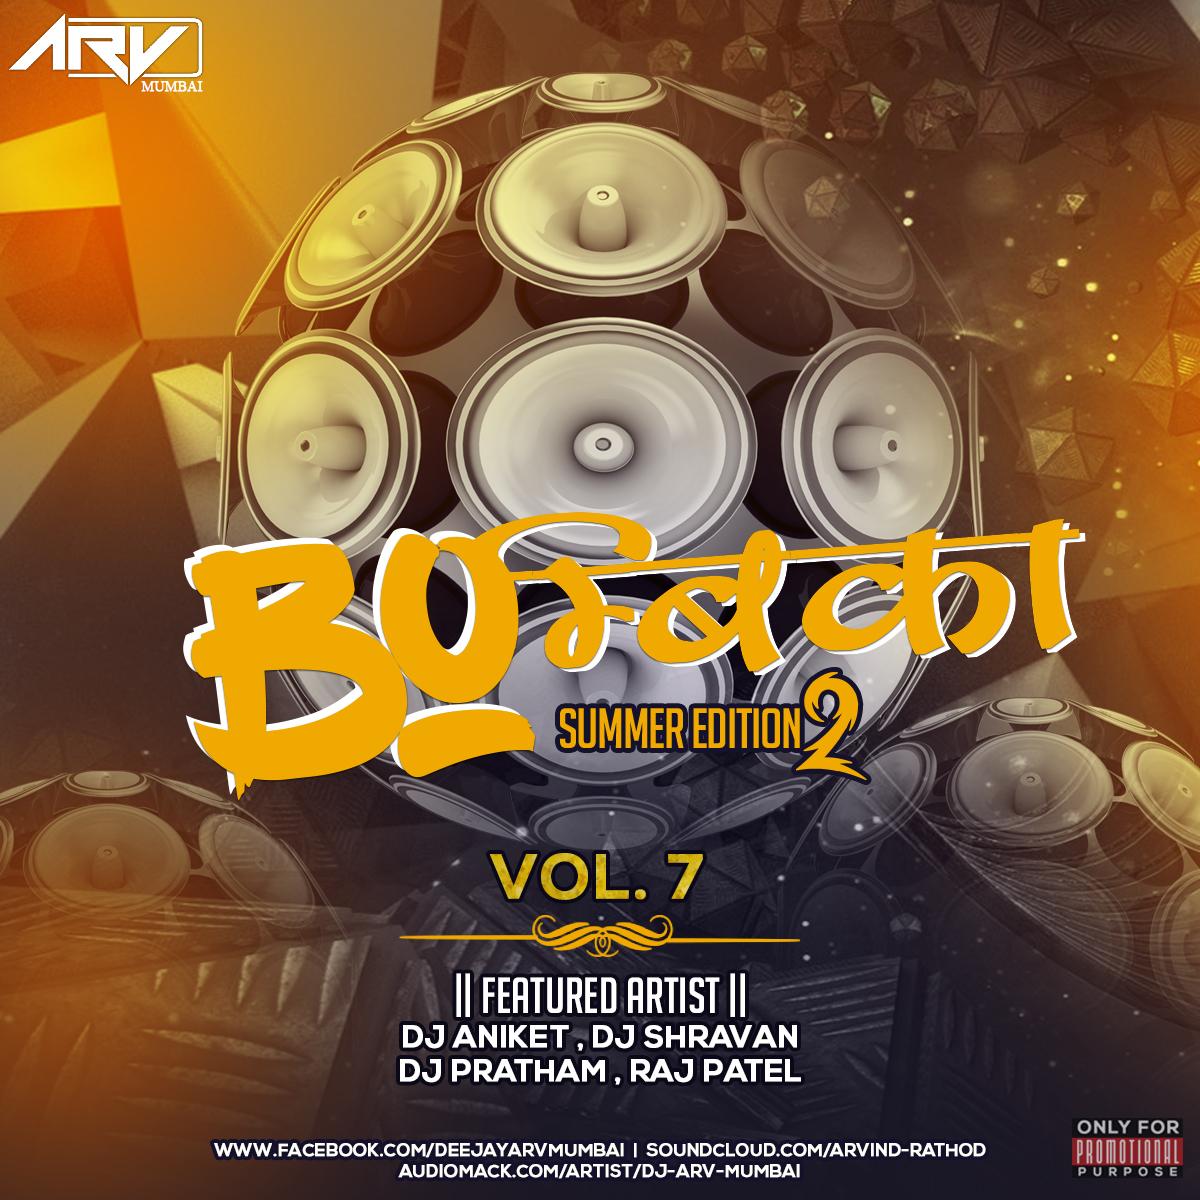 Teri Akhiyan Ka Kajal Download 2: Bombica Vol.07 (Summer Edtion 2) DJ ARV (Mumbai)